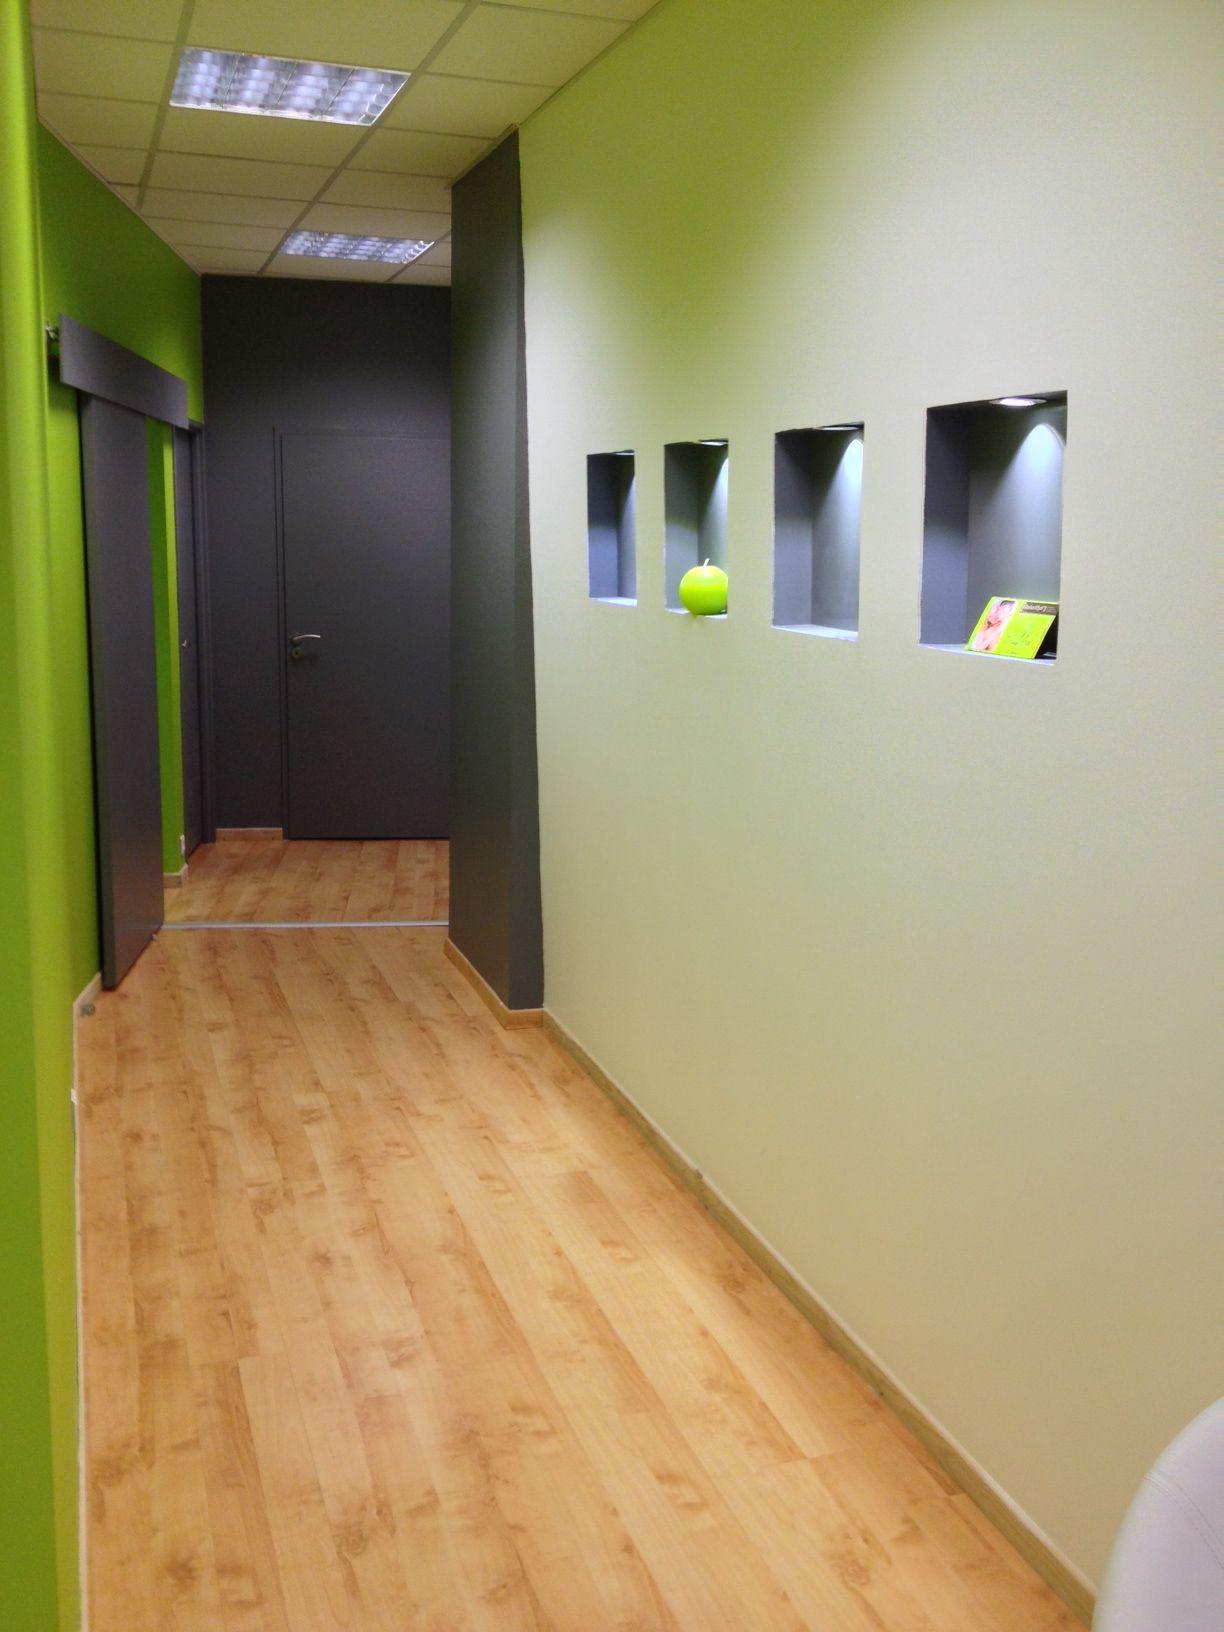 Epilation d finitive pau centre de d pilation longue dur e et de photo rajeunissement - Cabinet medical poitiers ...